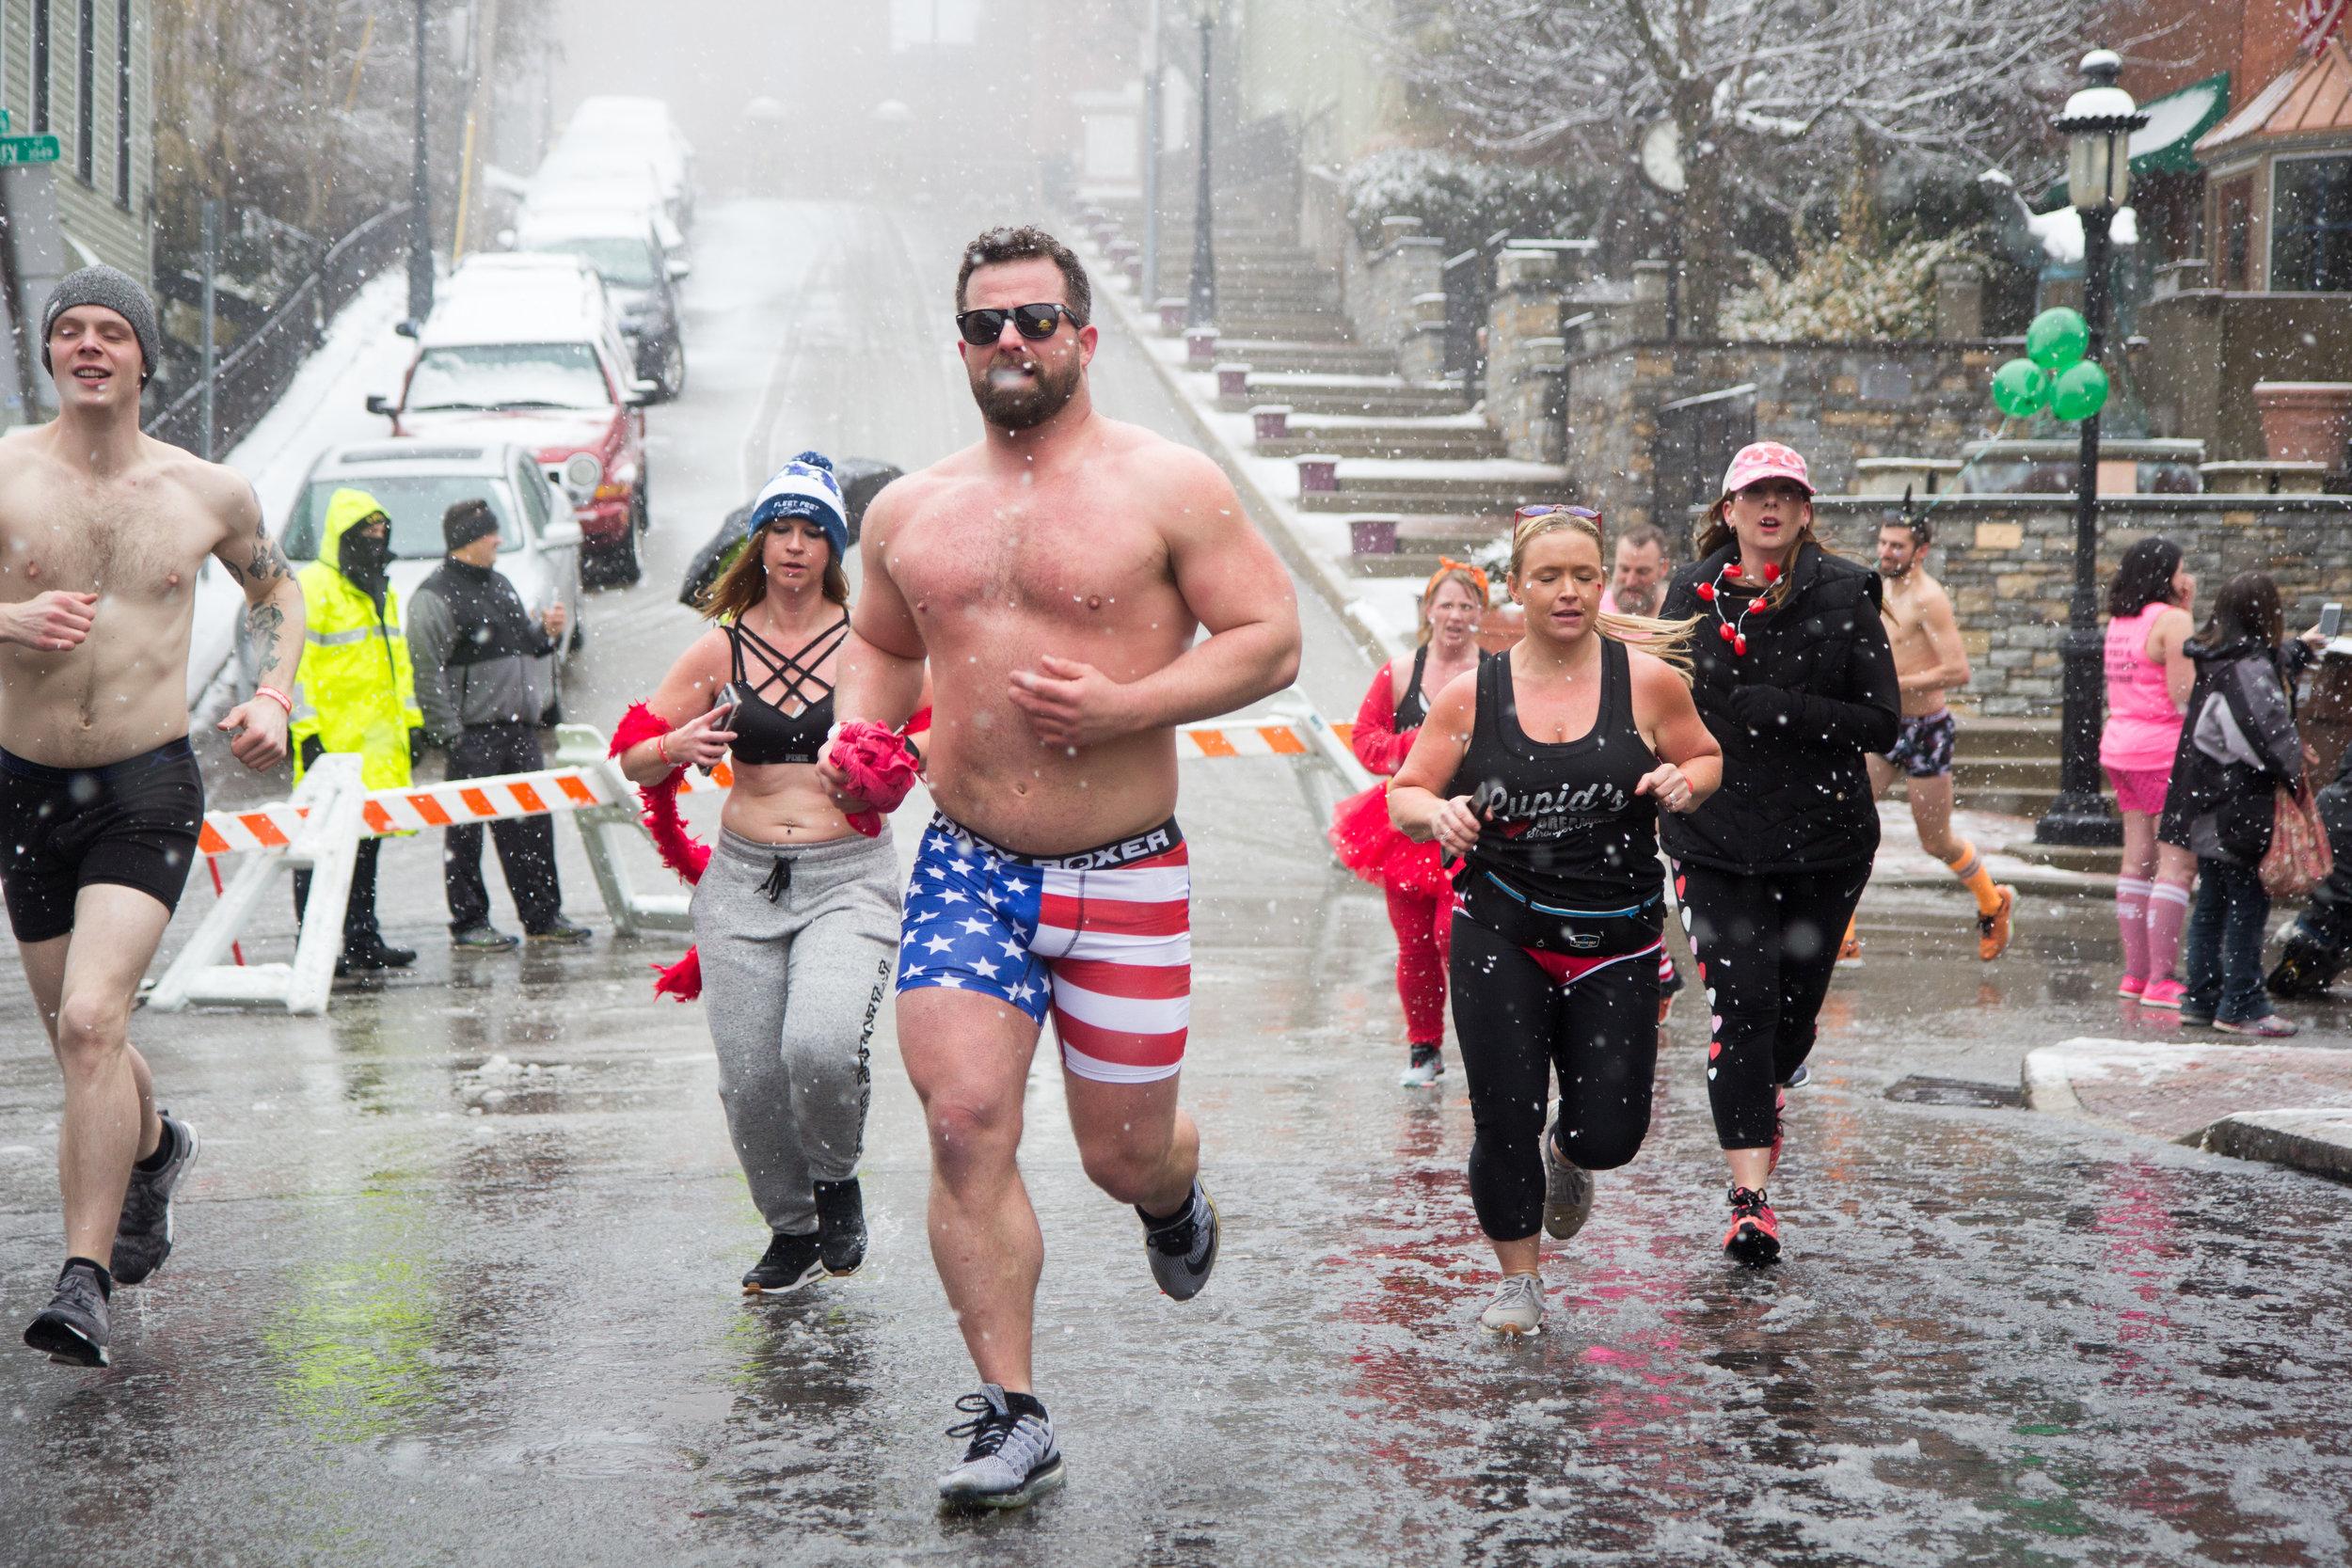 CaseyMillerPhoto - Cupid Undie Run 2018  (176 of 252).jpg